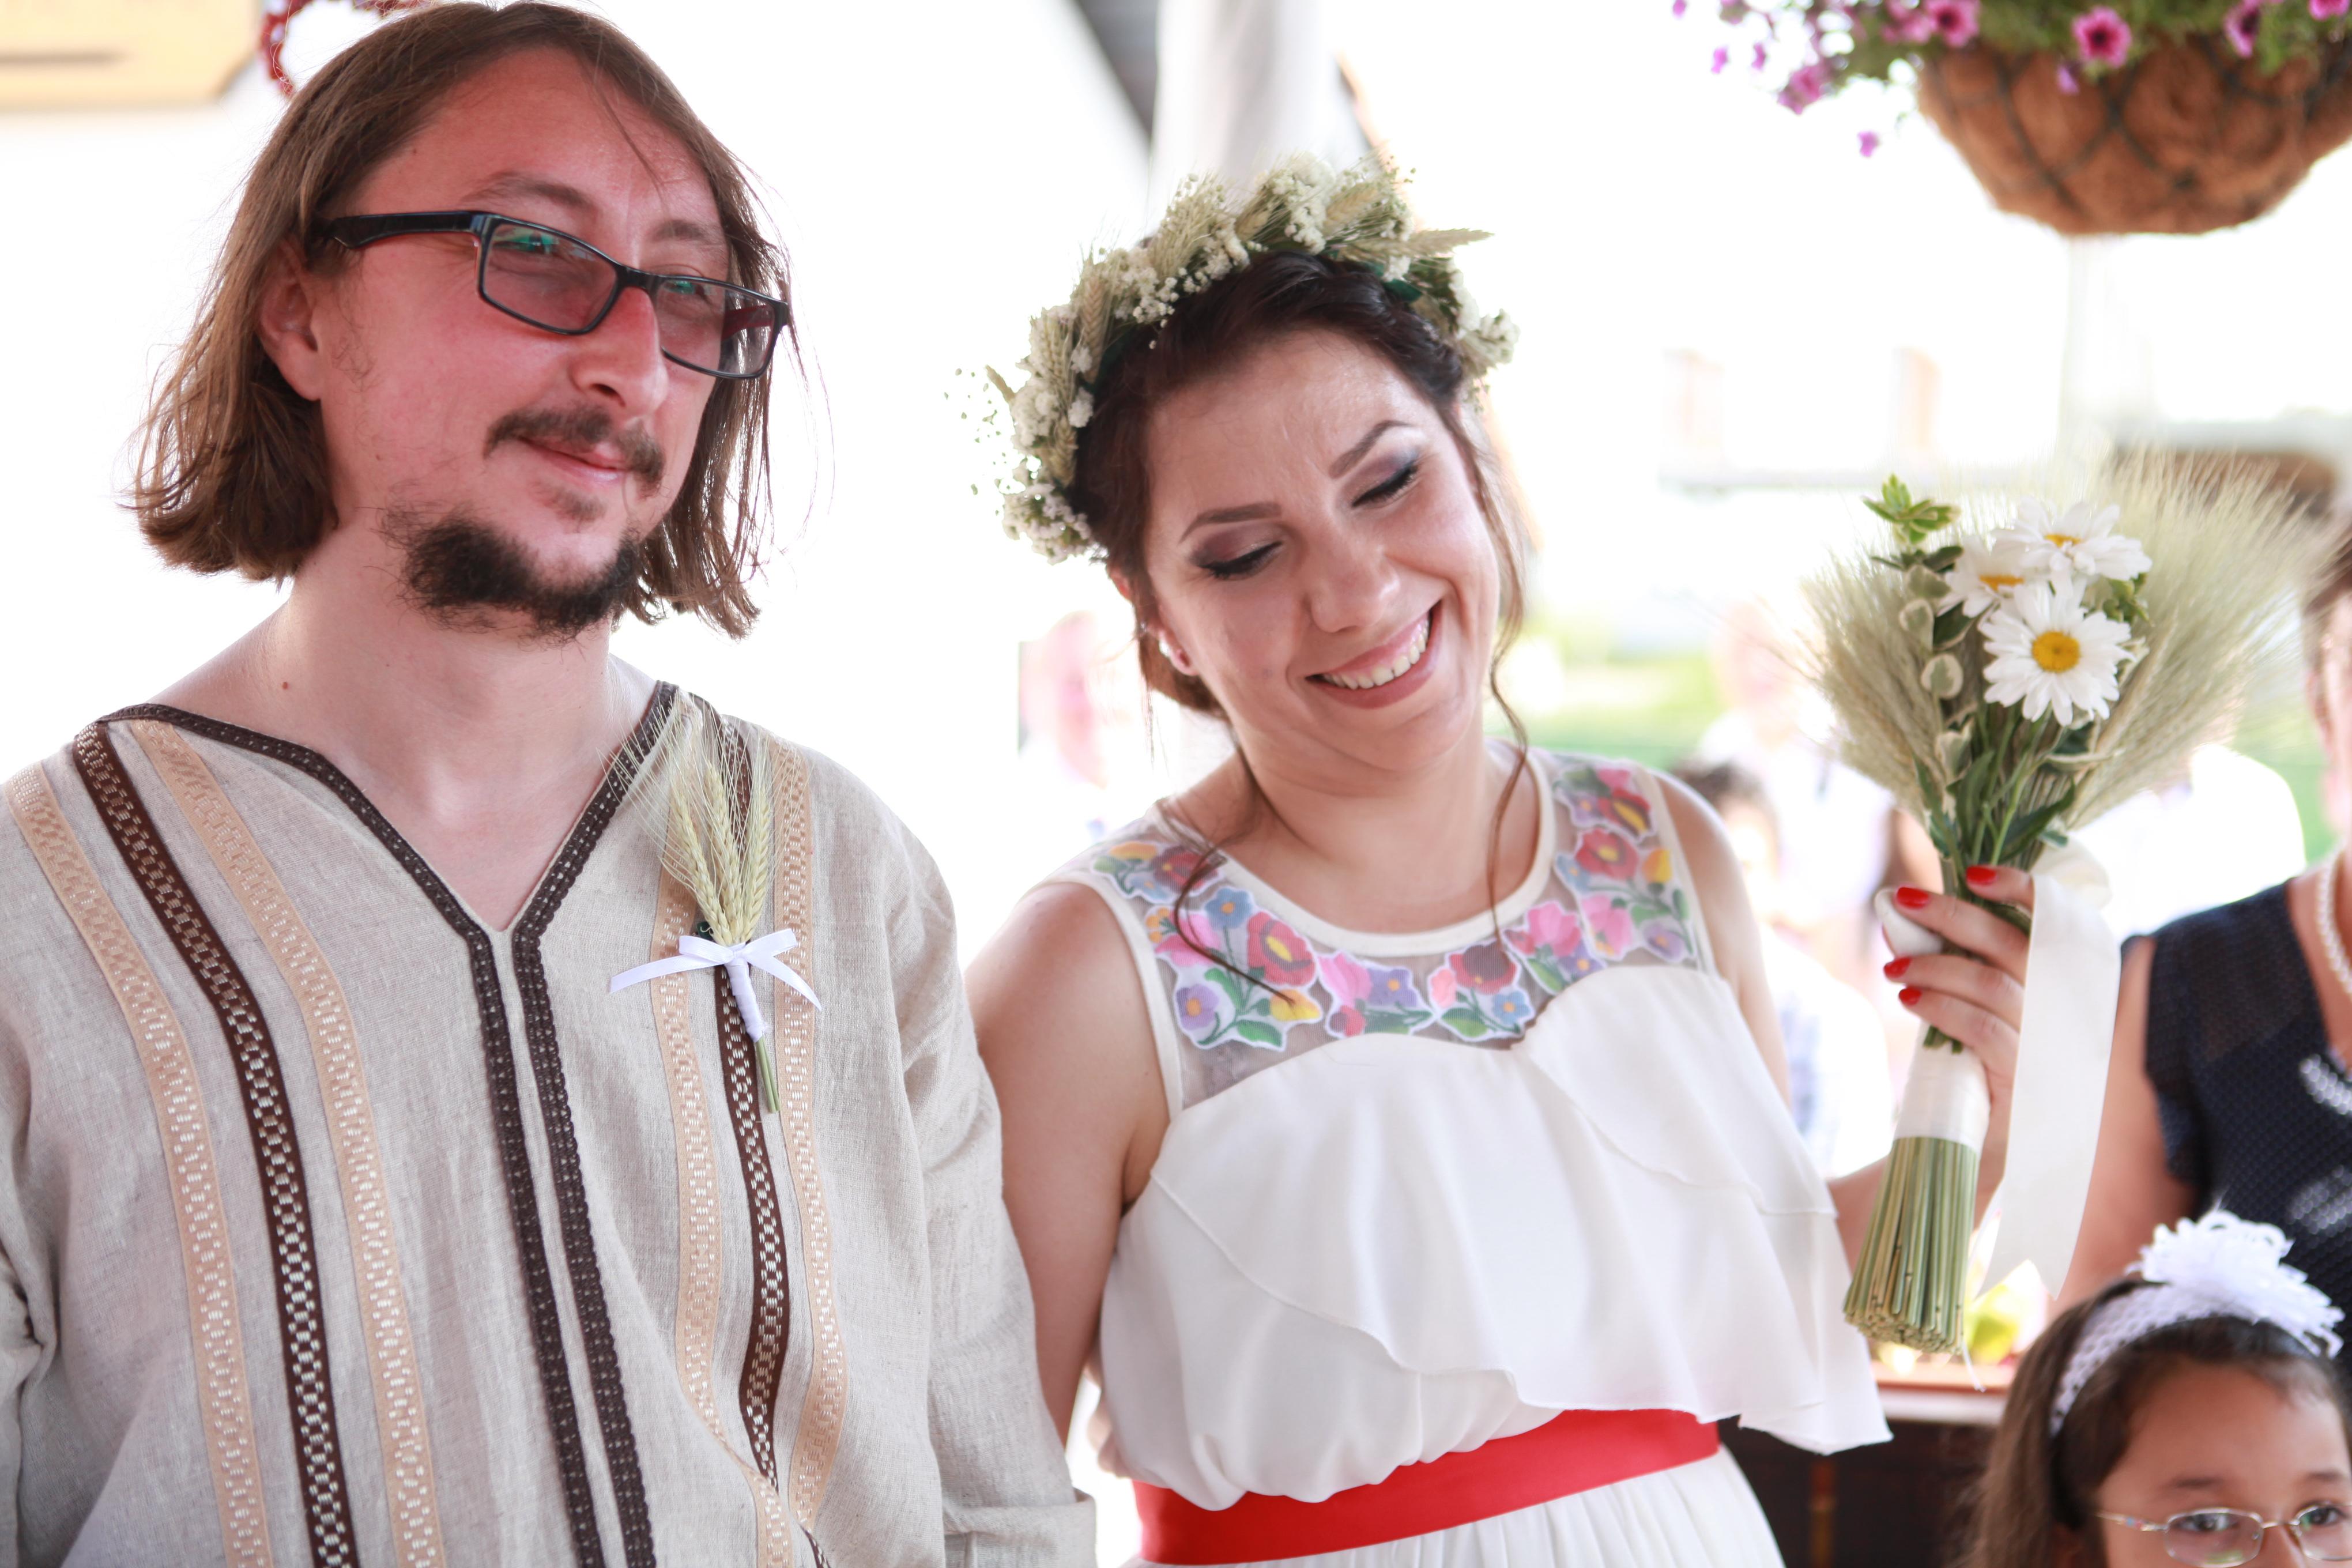 Timi és Alin esküvője (Fotó: Tamássy Zsolt)